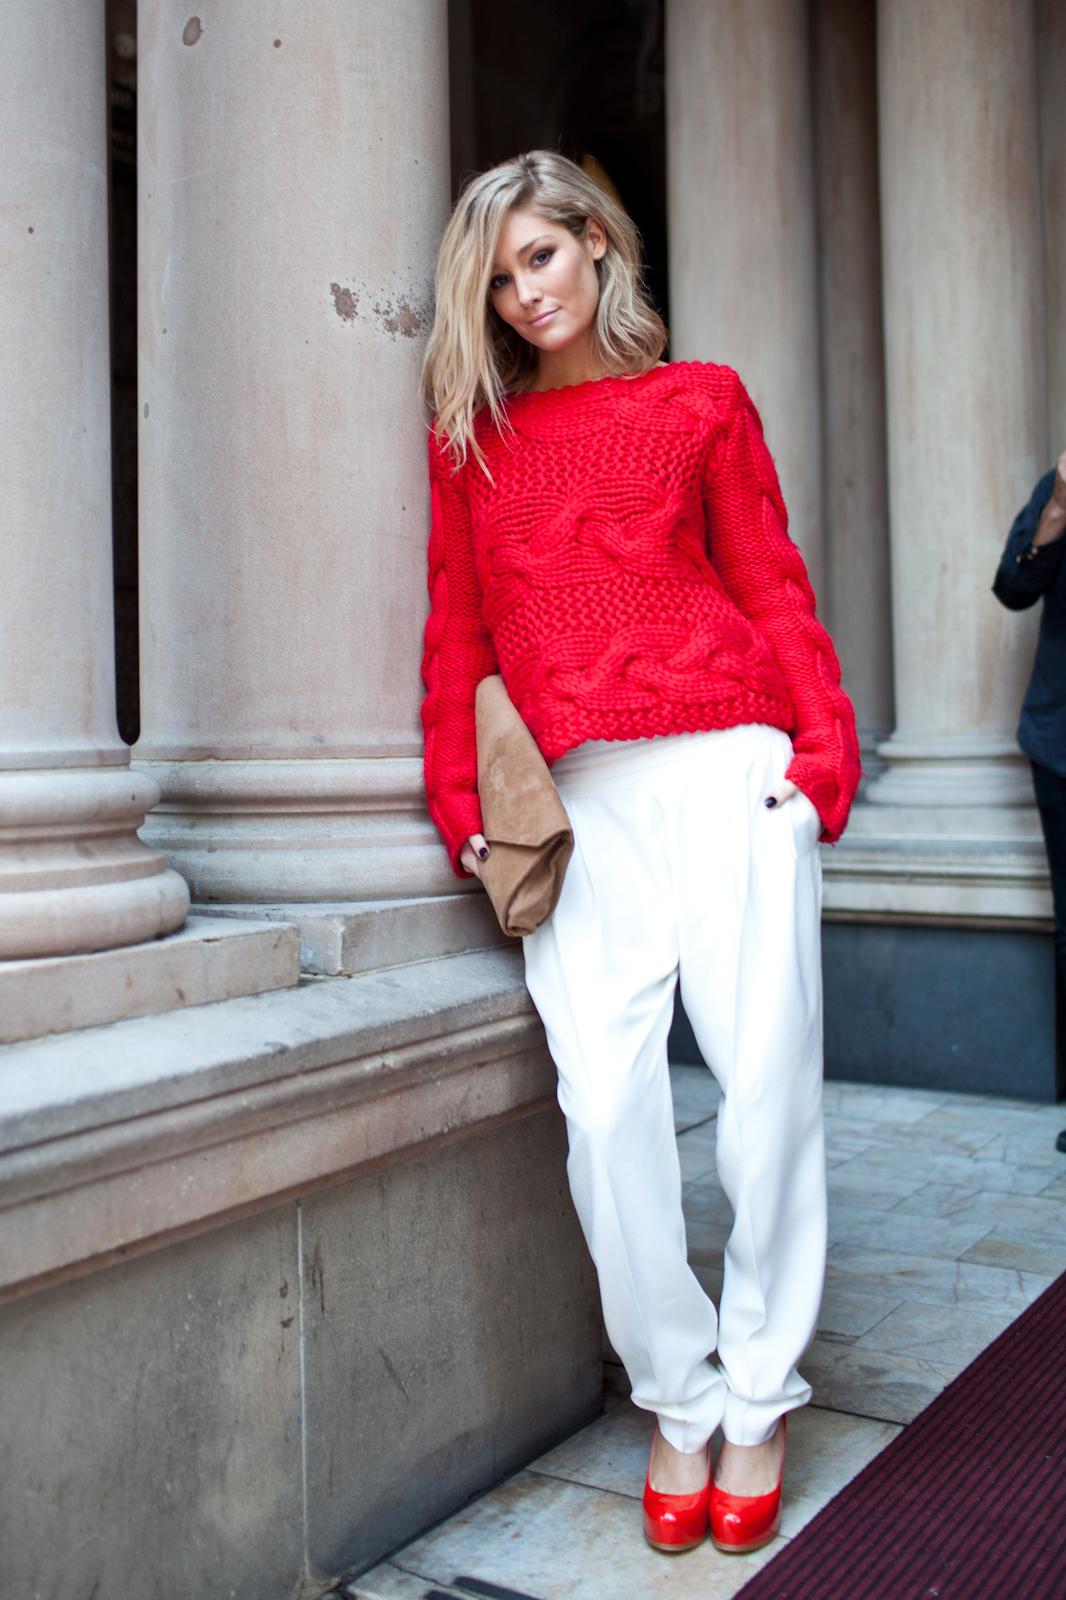 Красная кофта с белыми брюками и красные туфли.